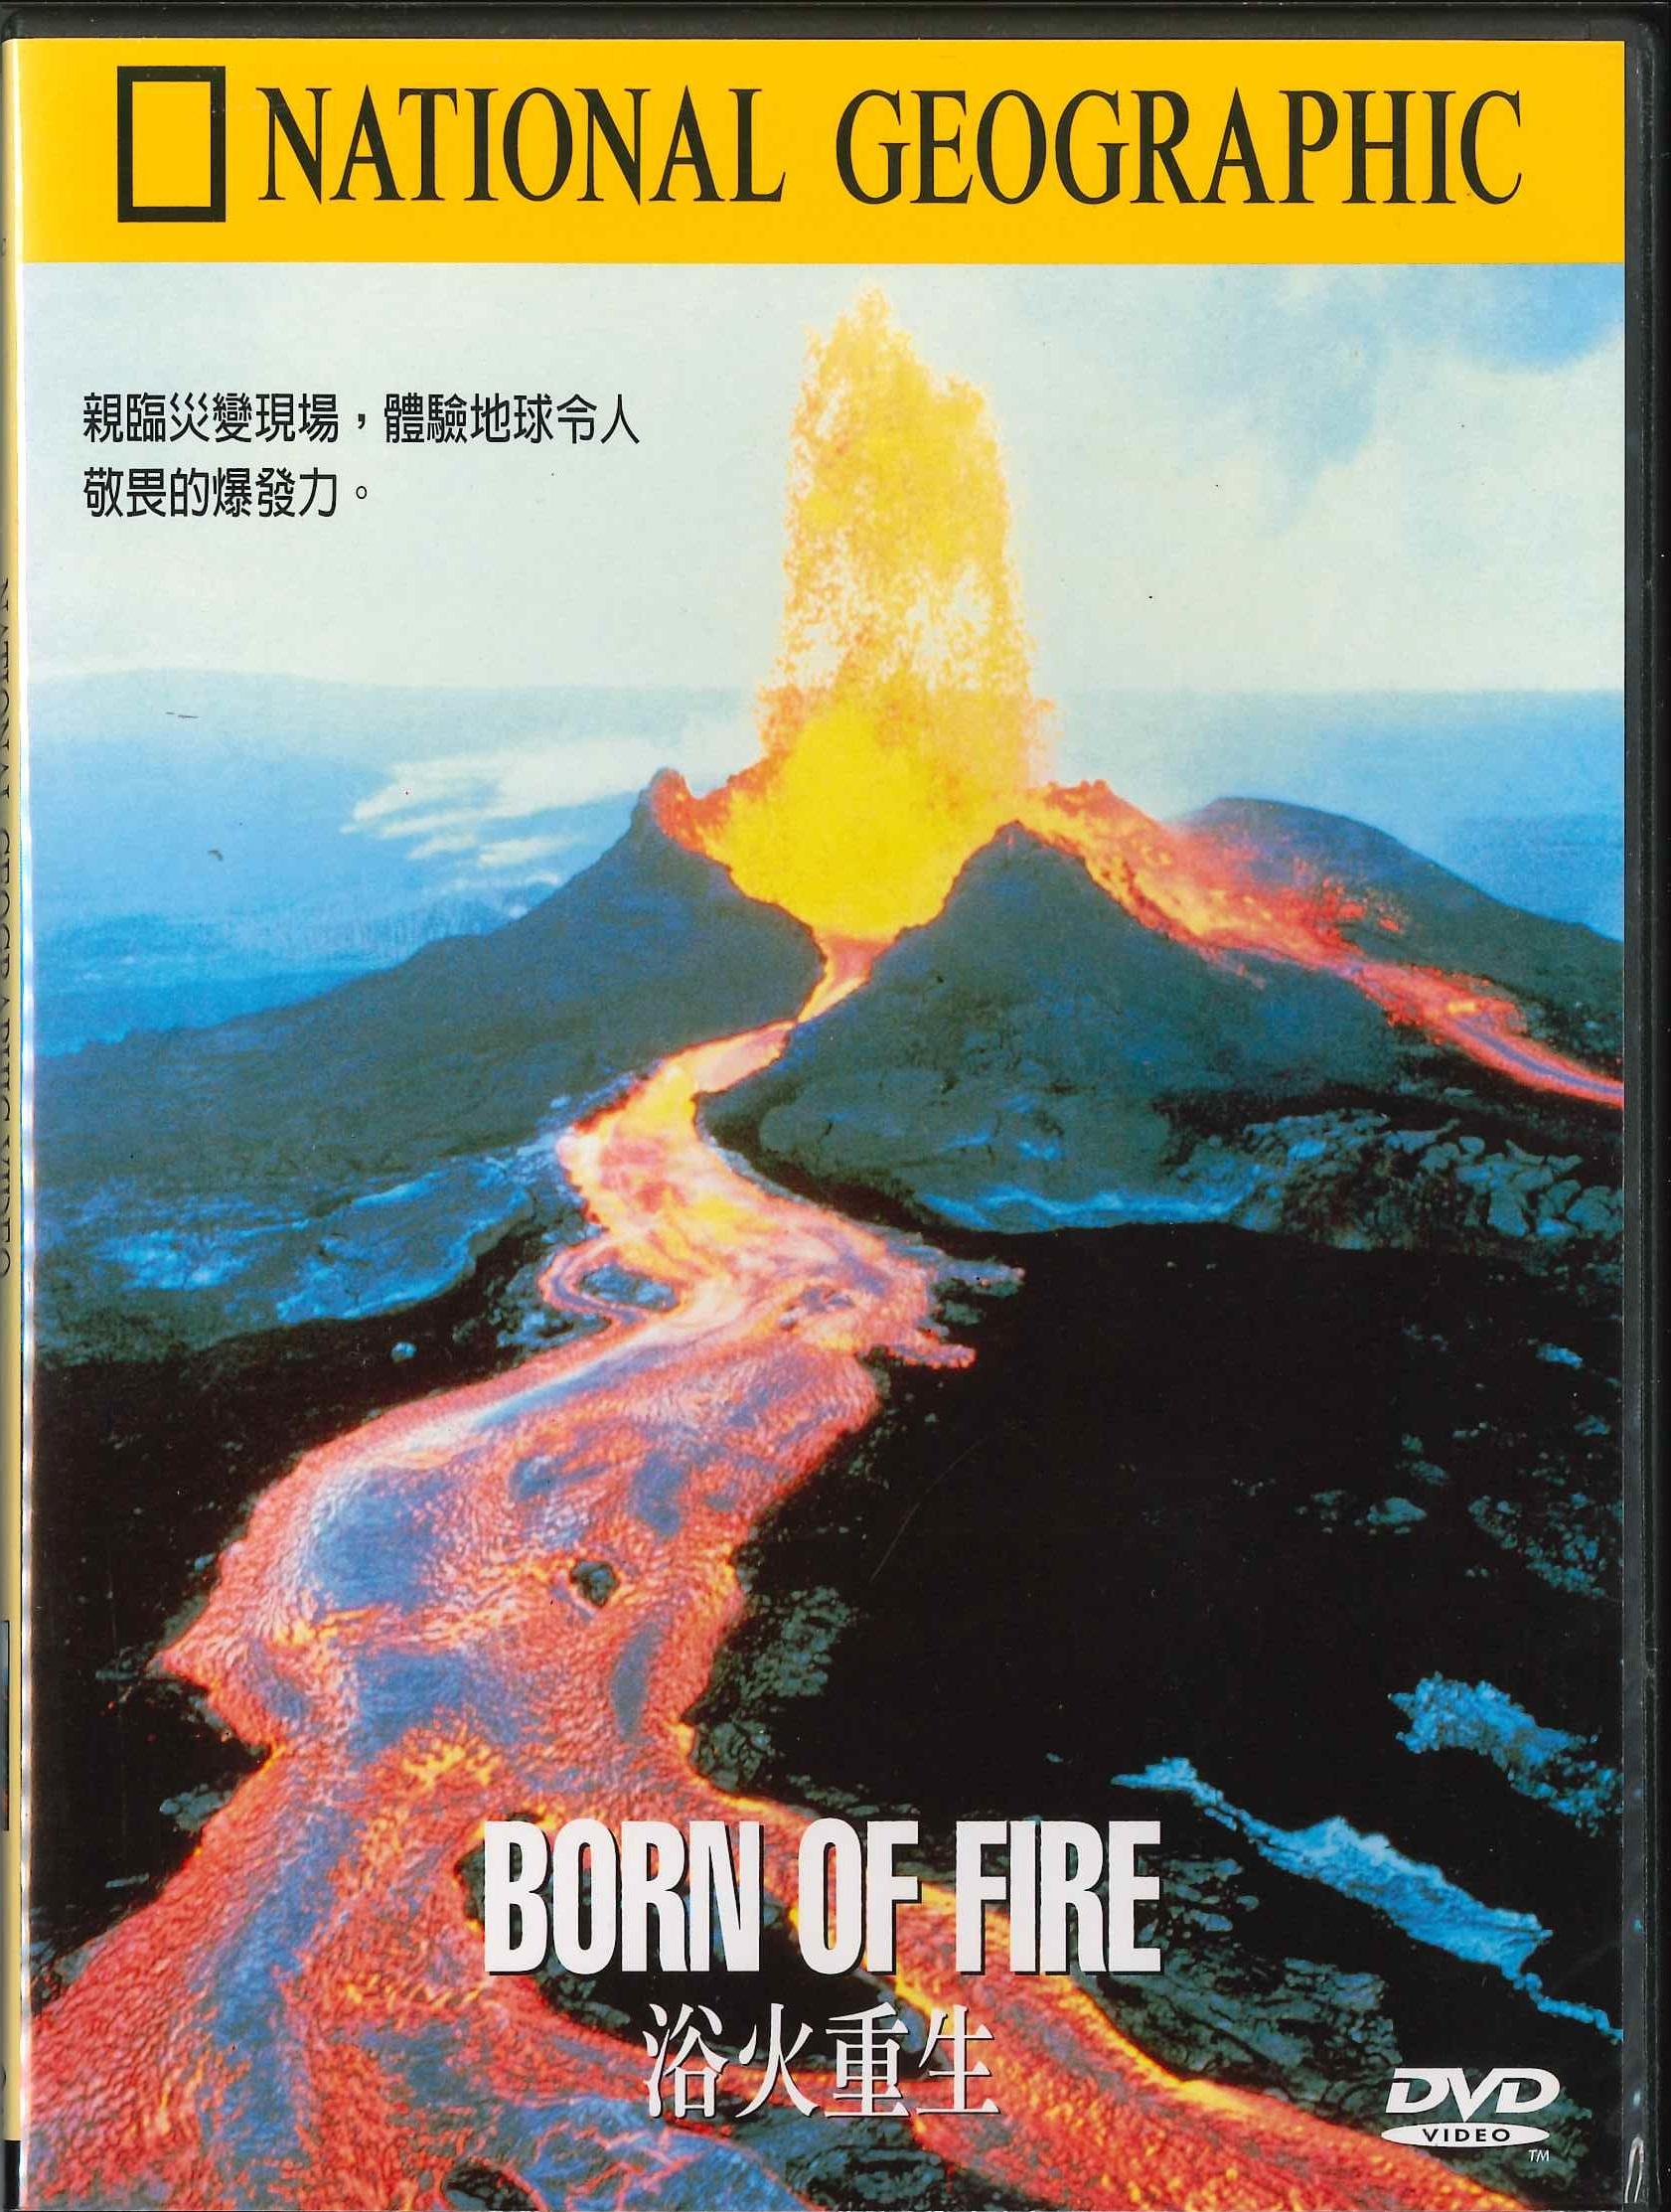 浴火重生 [錄影資料]=Born of fire